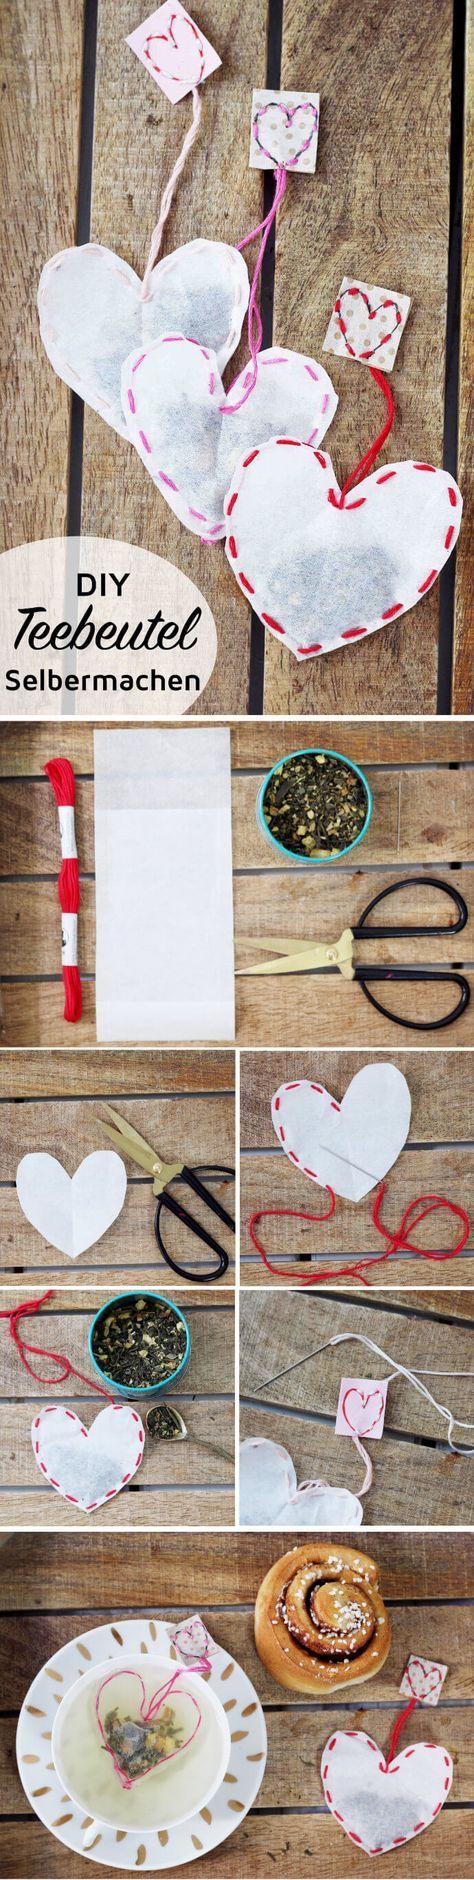 Teebeutel selber machen: Kreative DIY Geschenkidee  Heute mache ich mir meinen Tee zum Verschenken einfach selber! Die einzelnen Teebeutel könnt ihr super gut in süßen Zellophan-Tütchen verpacken- das perfekte (Last Minute) Geschenk für Weihnachten oder Geburtstag.